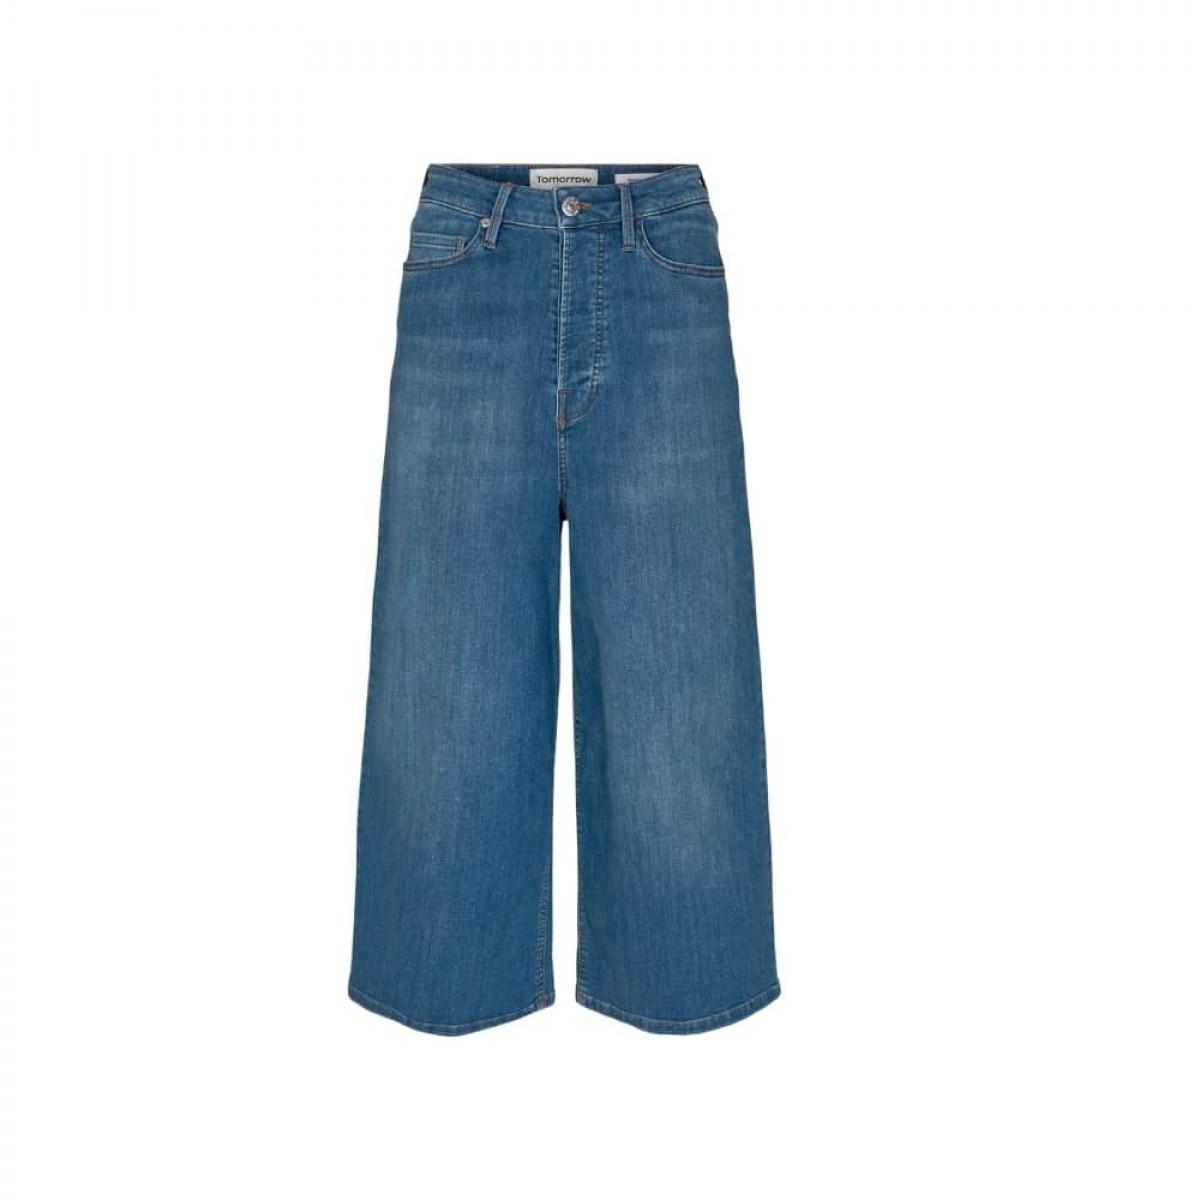 mandela culotte jeans - blue - front